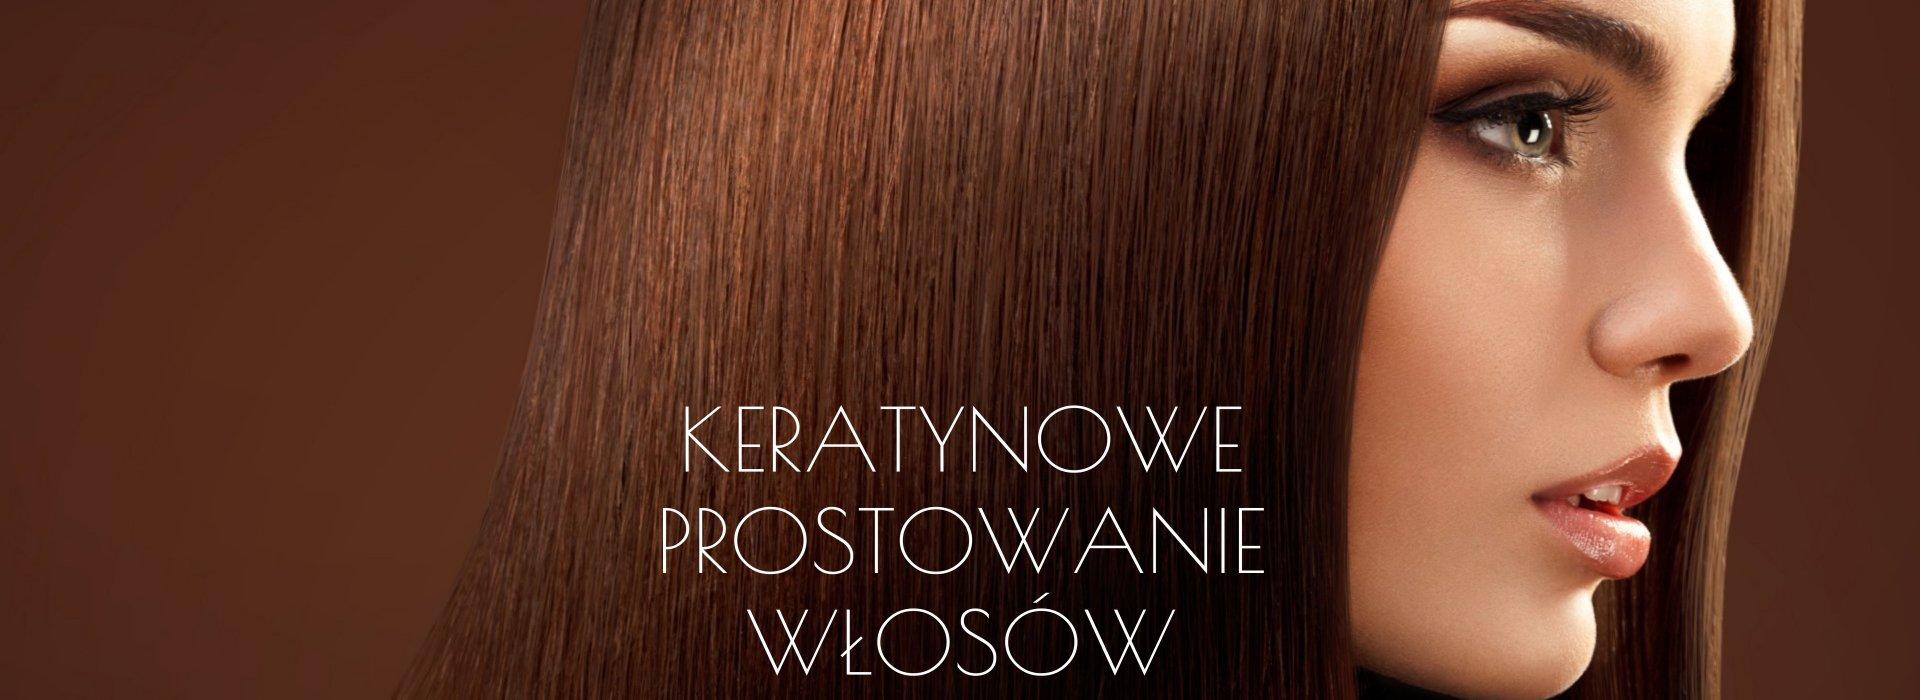 fryzjer damski Zgierz, fryzjer damski Łódź